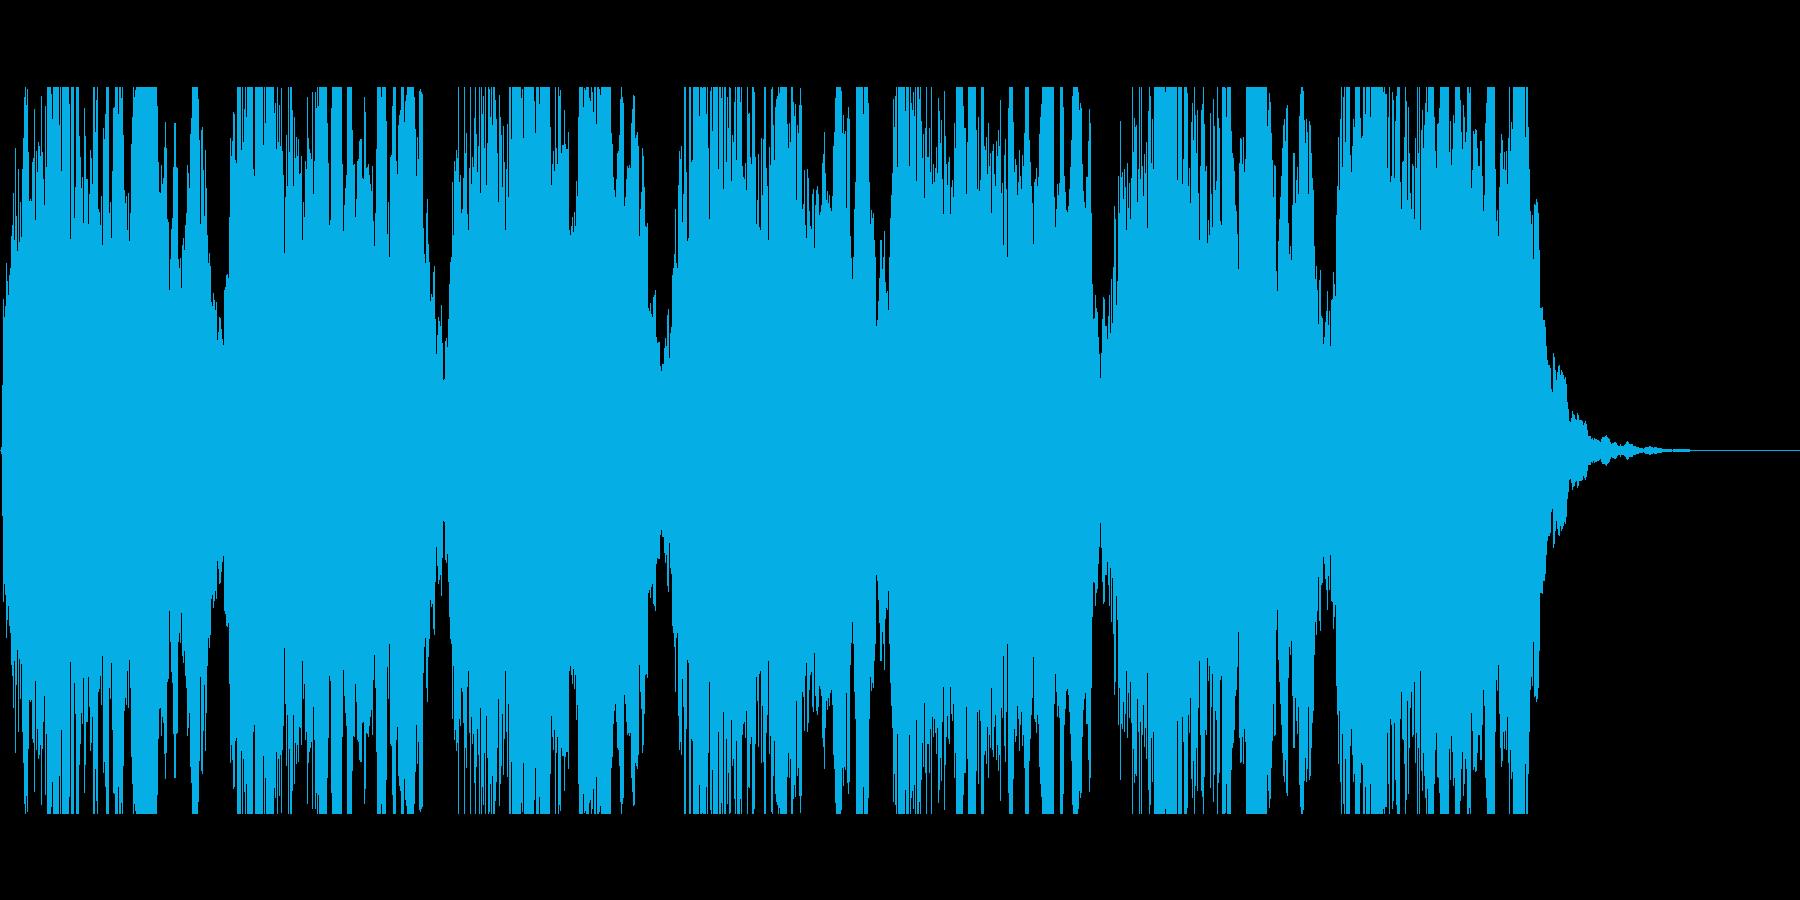 (ウー)サイレンの音の再生済みの波形